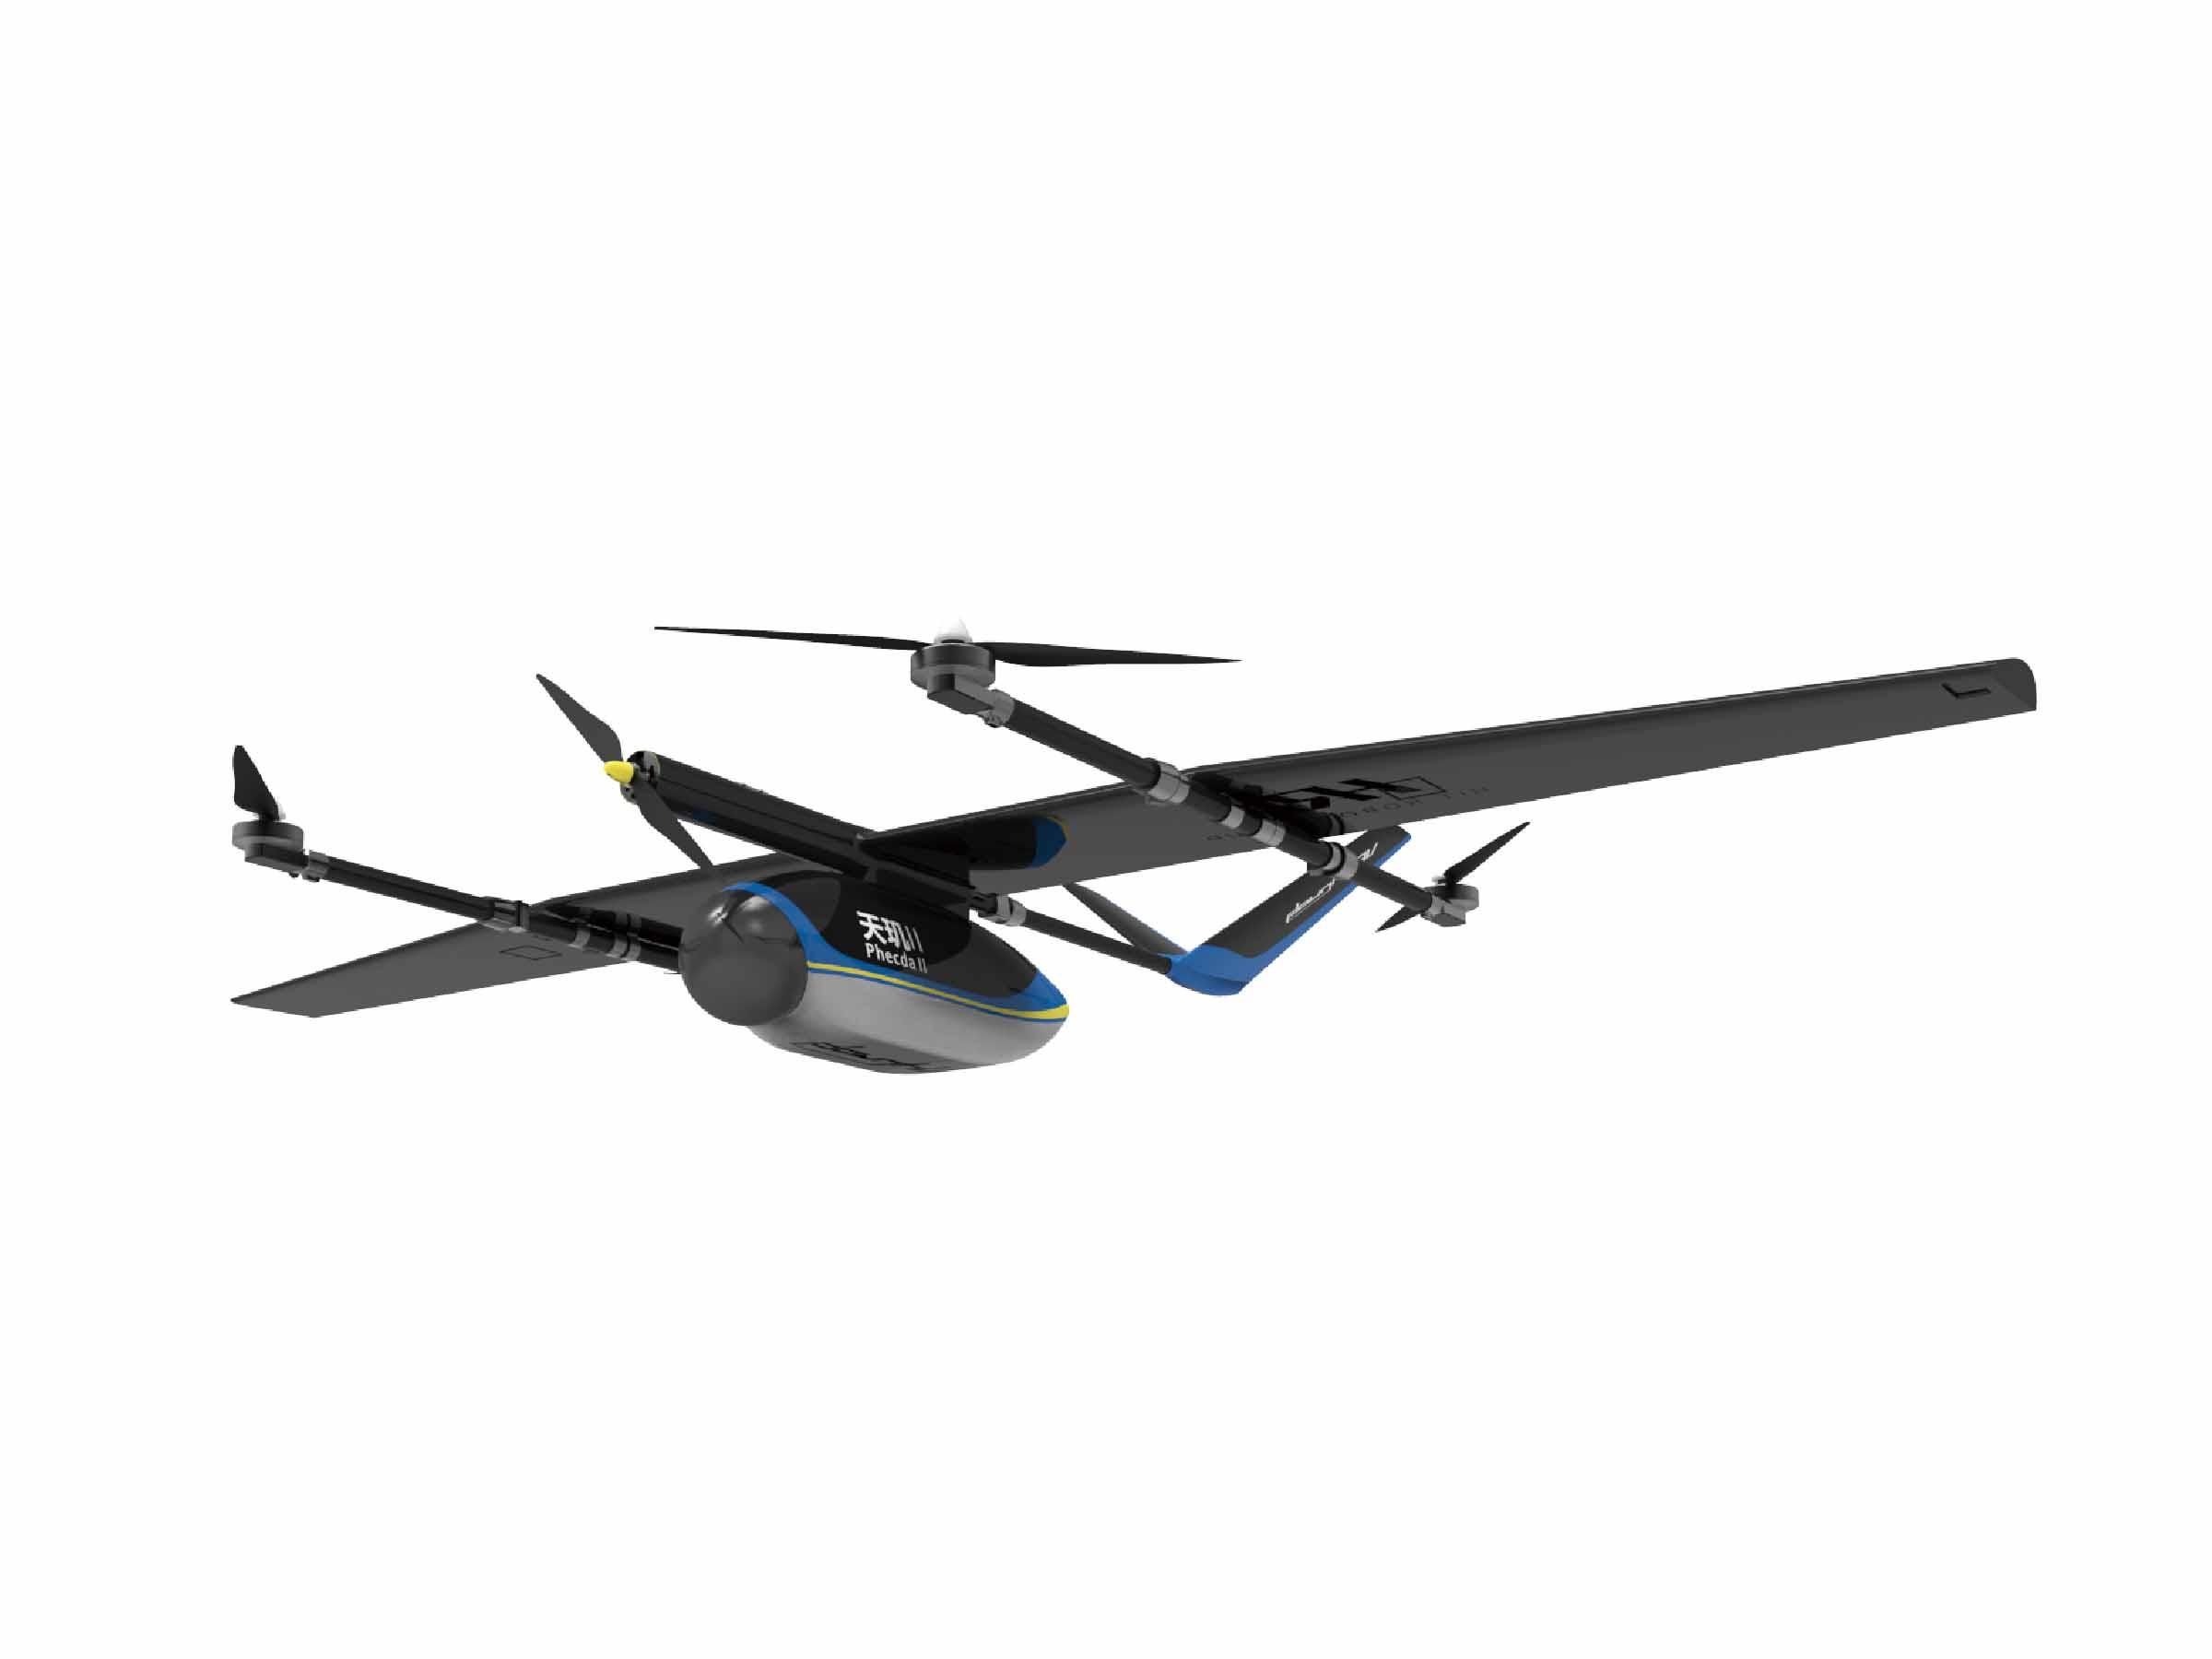 垂直起降固定翼无人机——天玑II